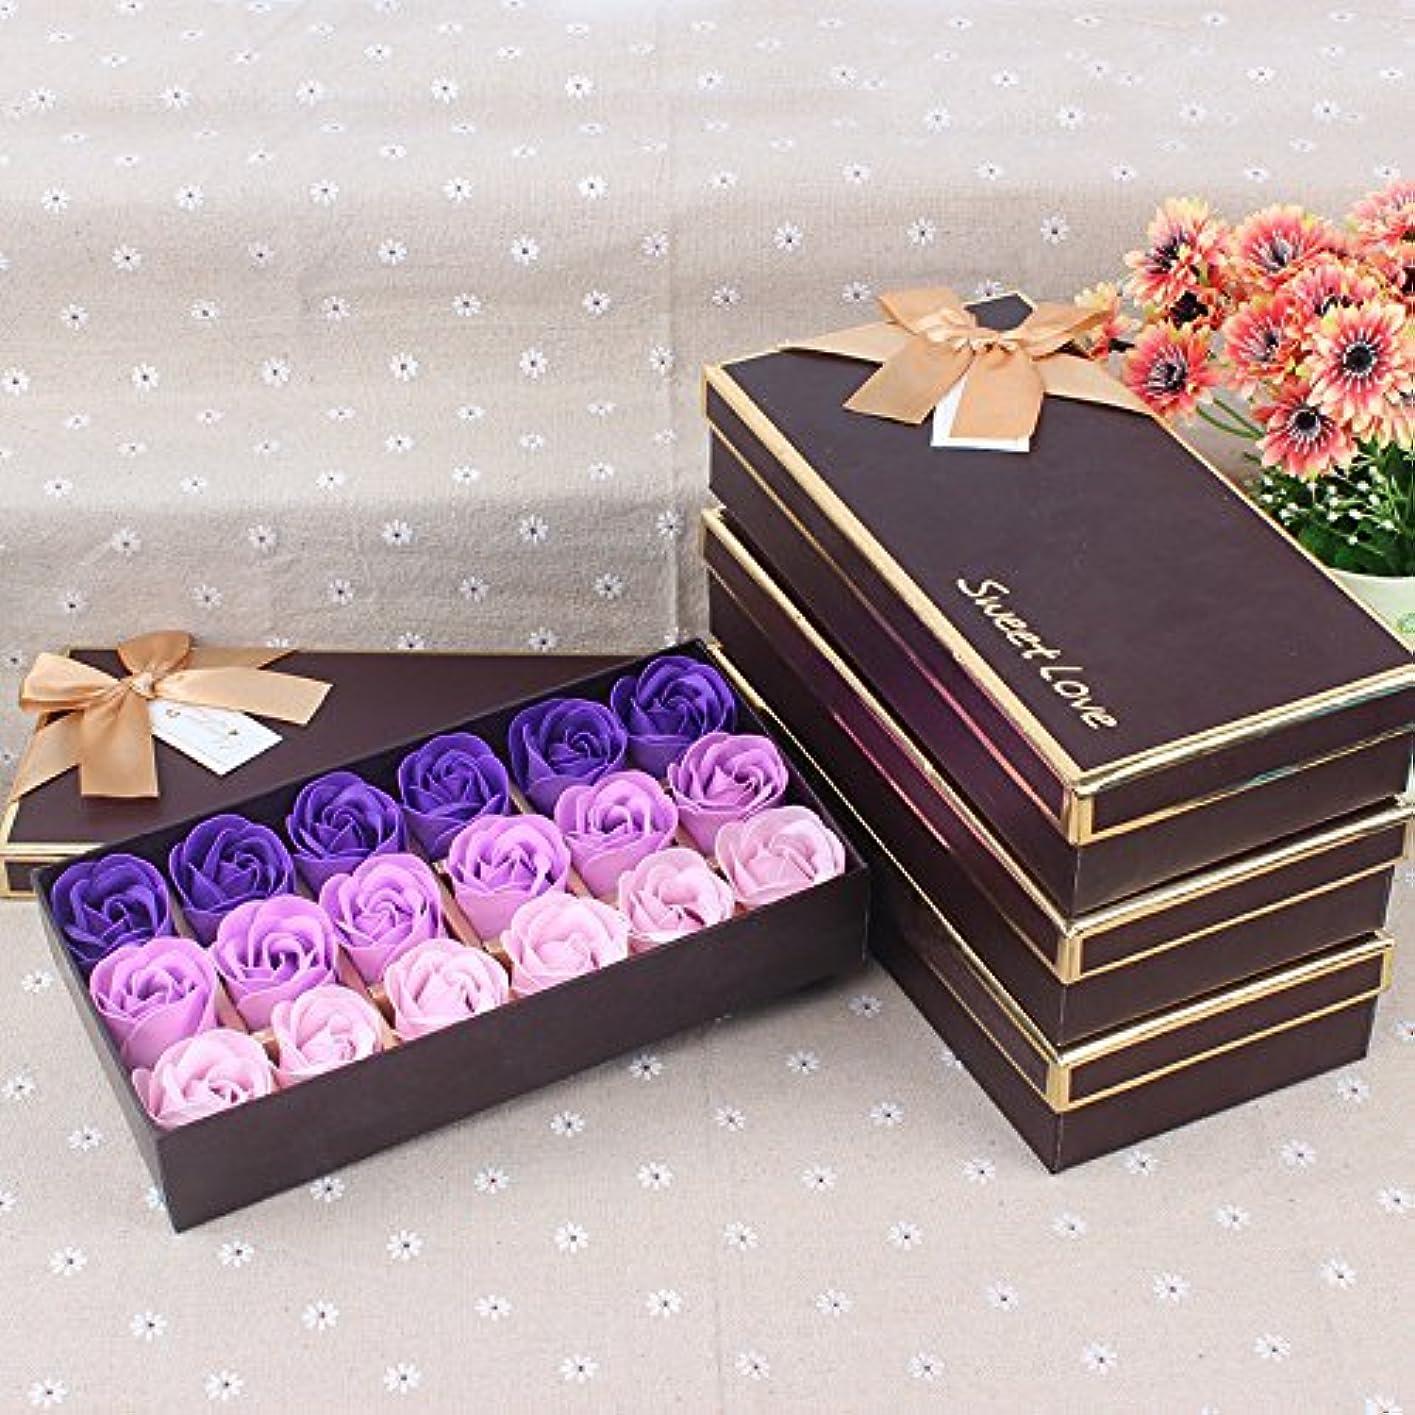 衣類手荷物バイオリニストWeryn(TM)結婚式のためのギフトボックスバレンタインデーの愛の贈り物で18バラセット香りの入浴ソープローズソープ花びら[Purplegradient]